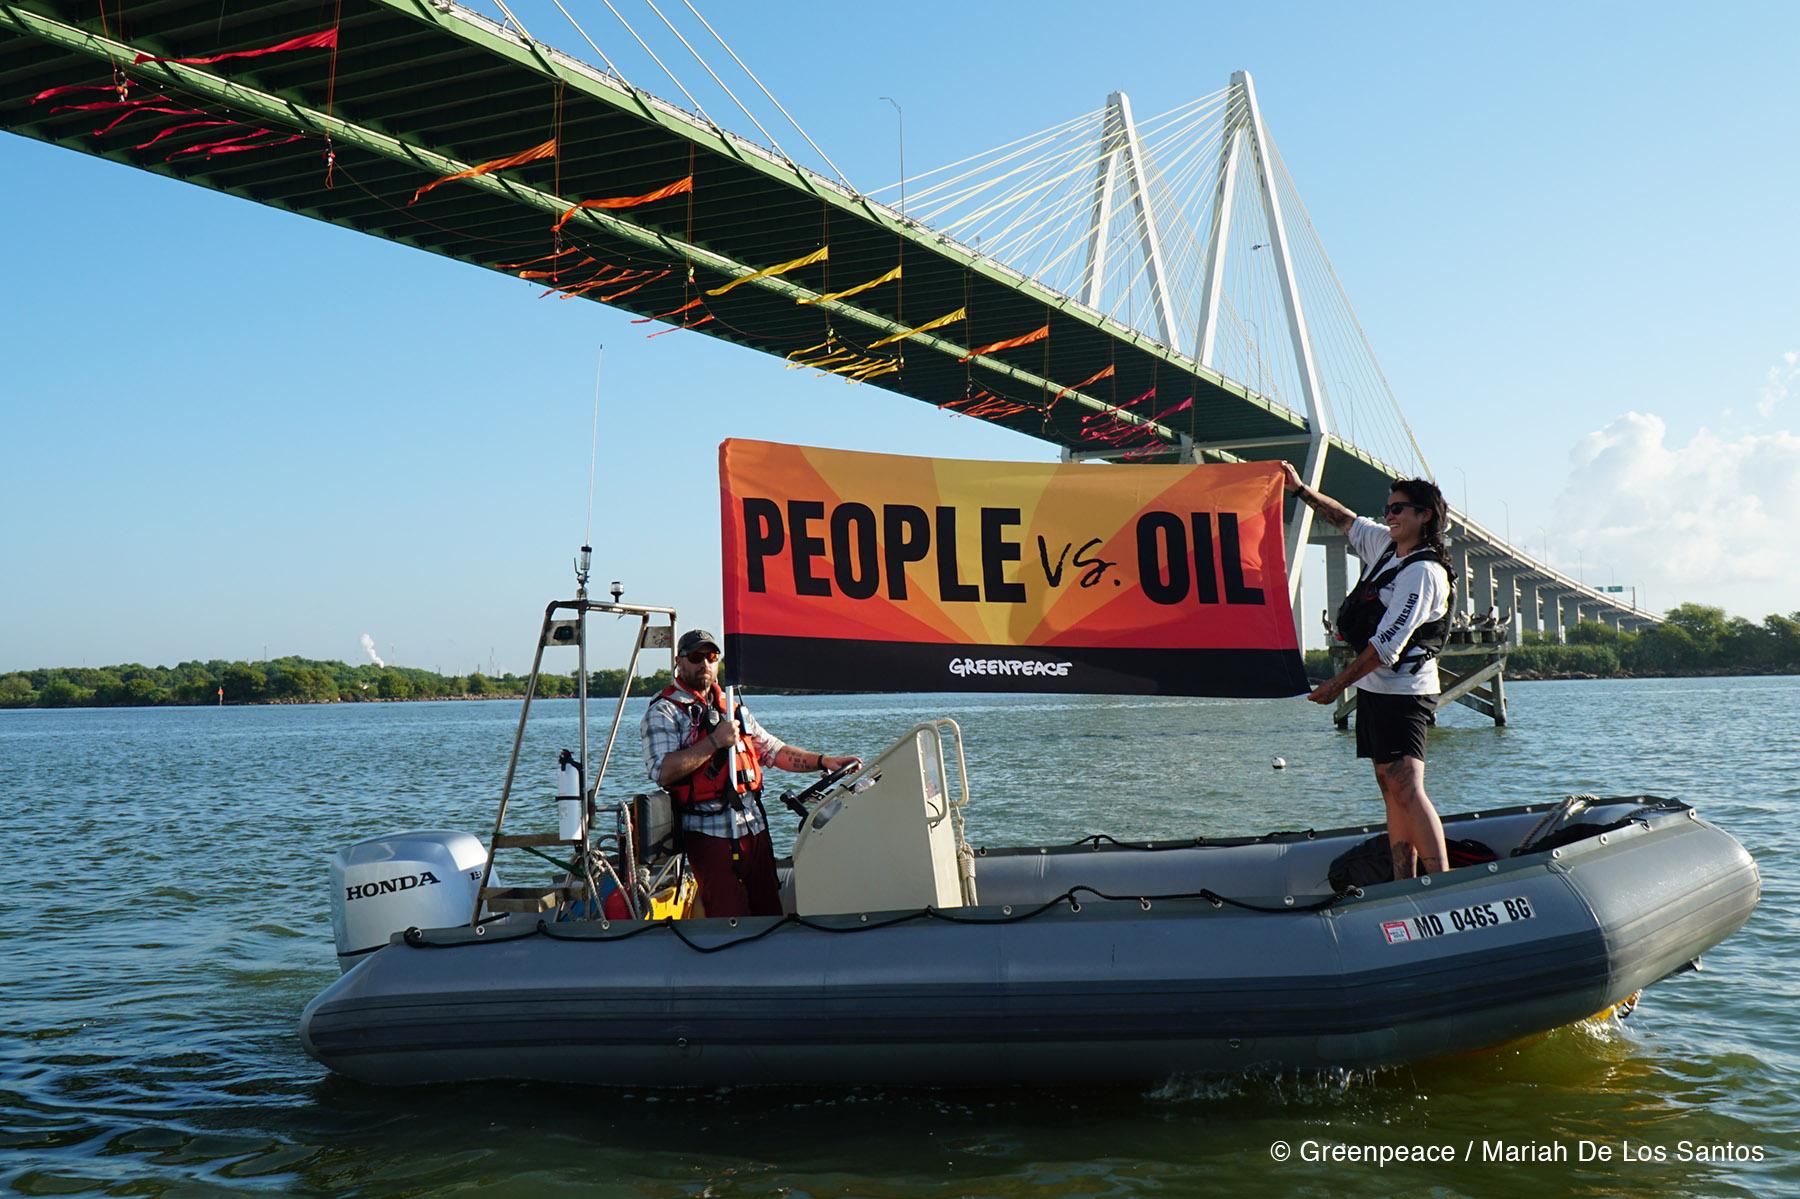 https://www.greenpeace.org/usa/wp-content/uploads/2019/09/people-vs-oil-banner-houston-hero.jpg